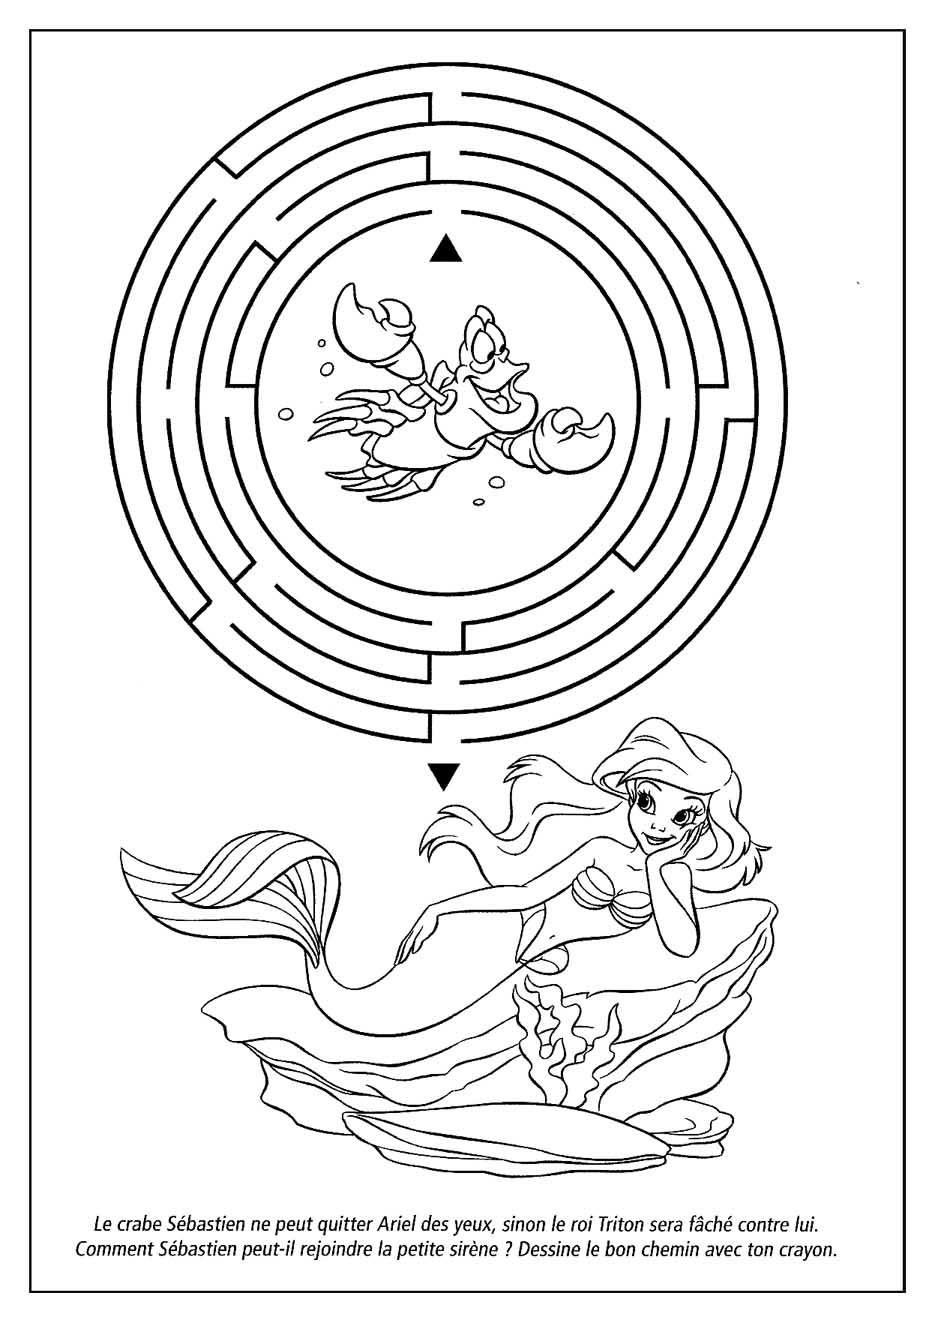 10 Dessins De Coloriage Princesse Ariel à Imprimer